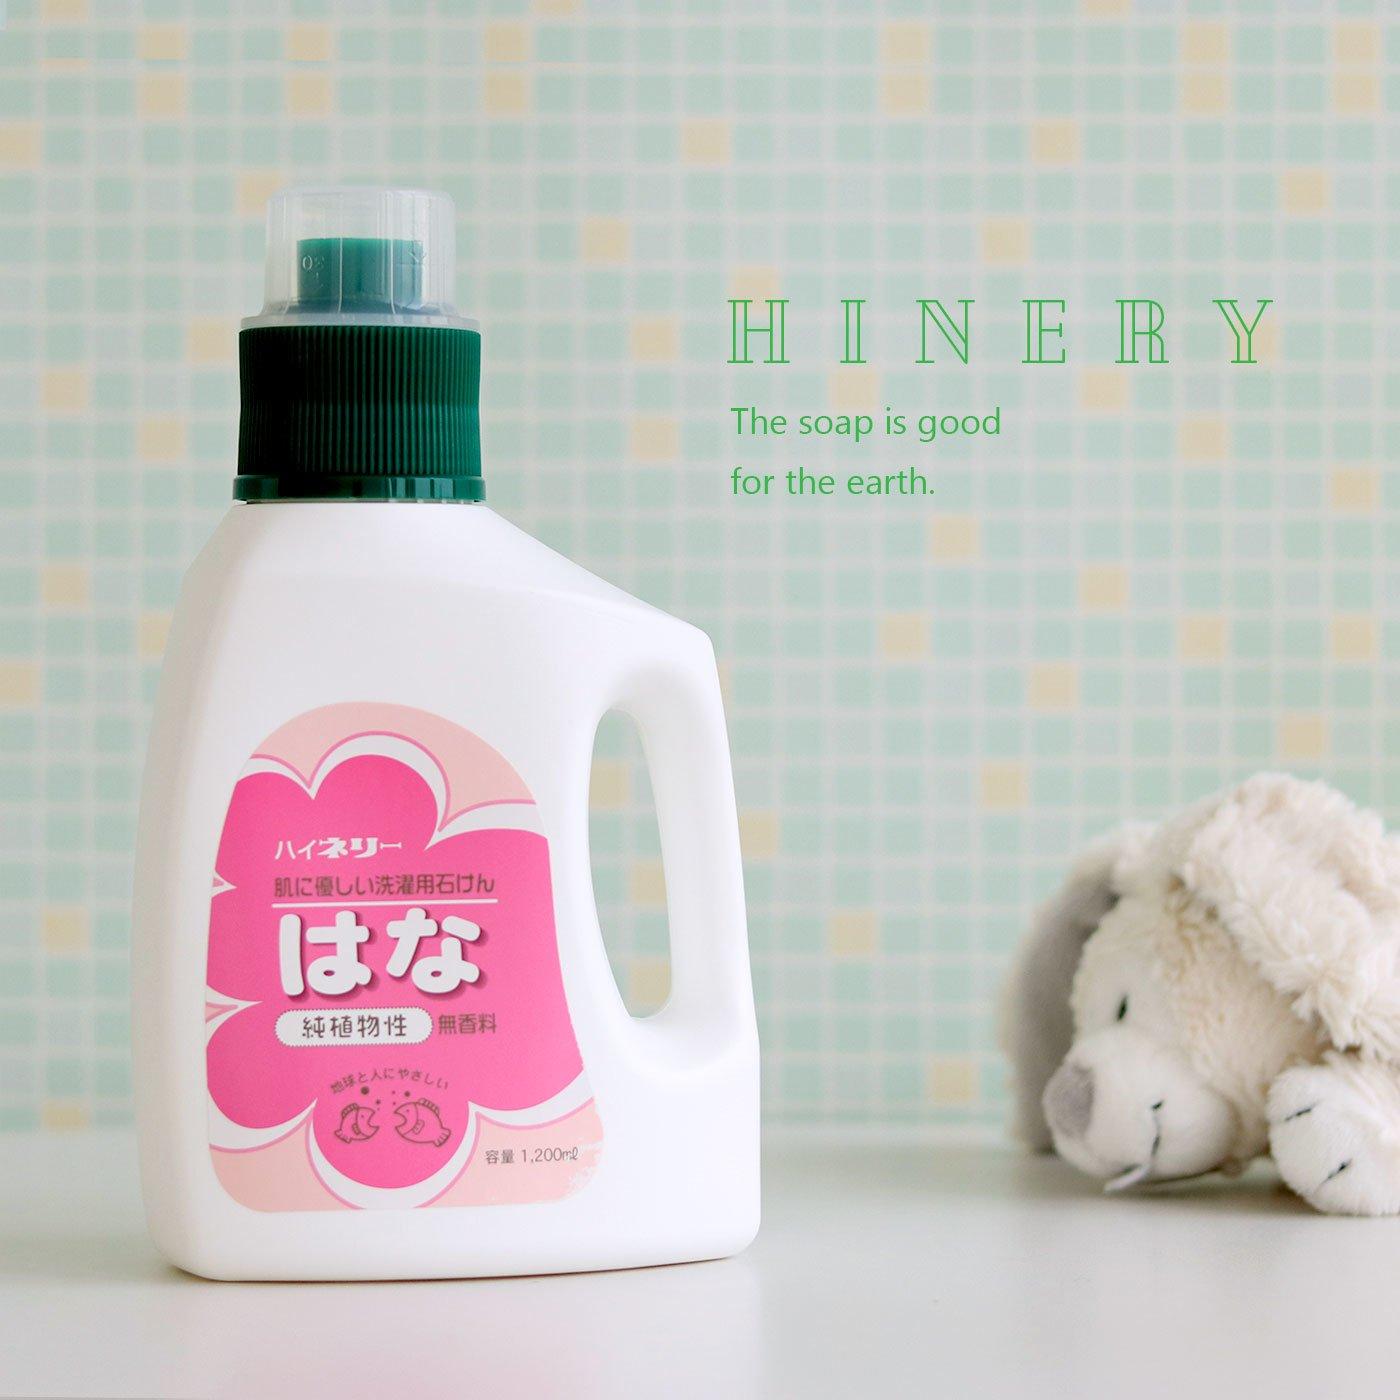 洗濯用液体石けん 純植物性 はなボトル(柔軟剤不用)